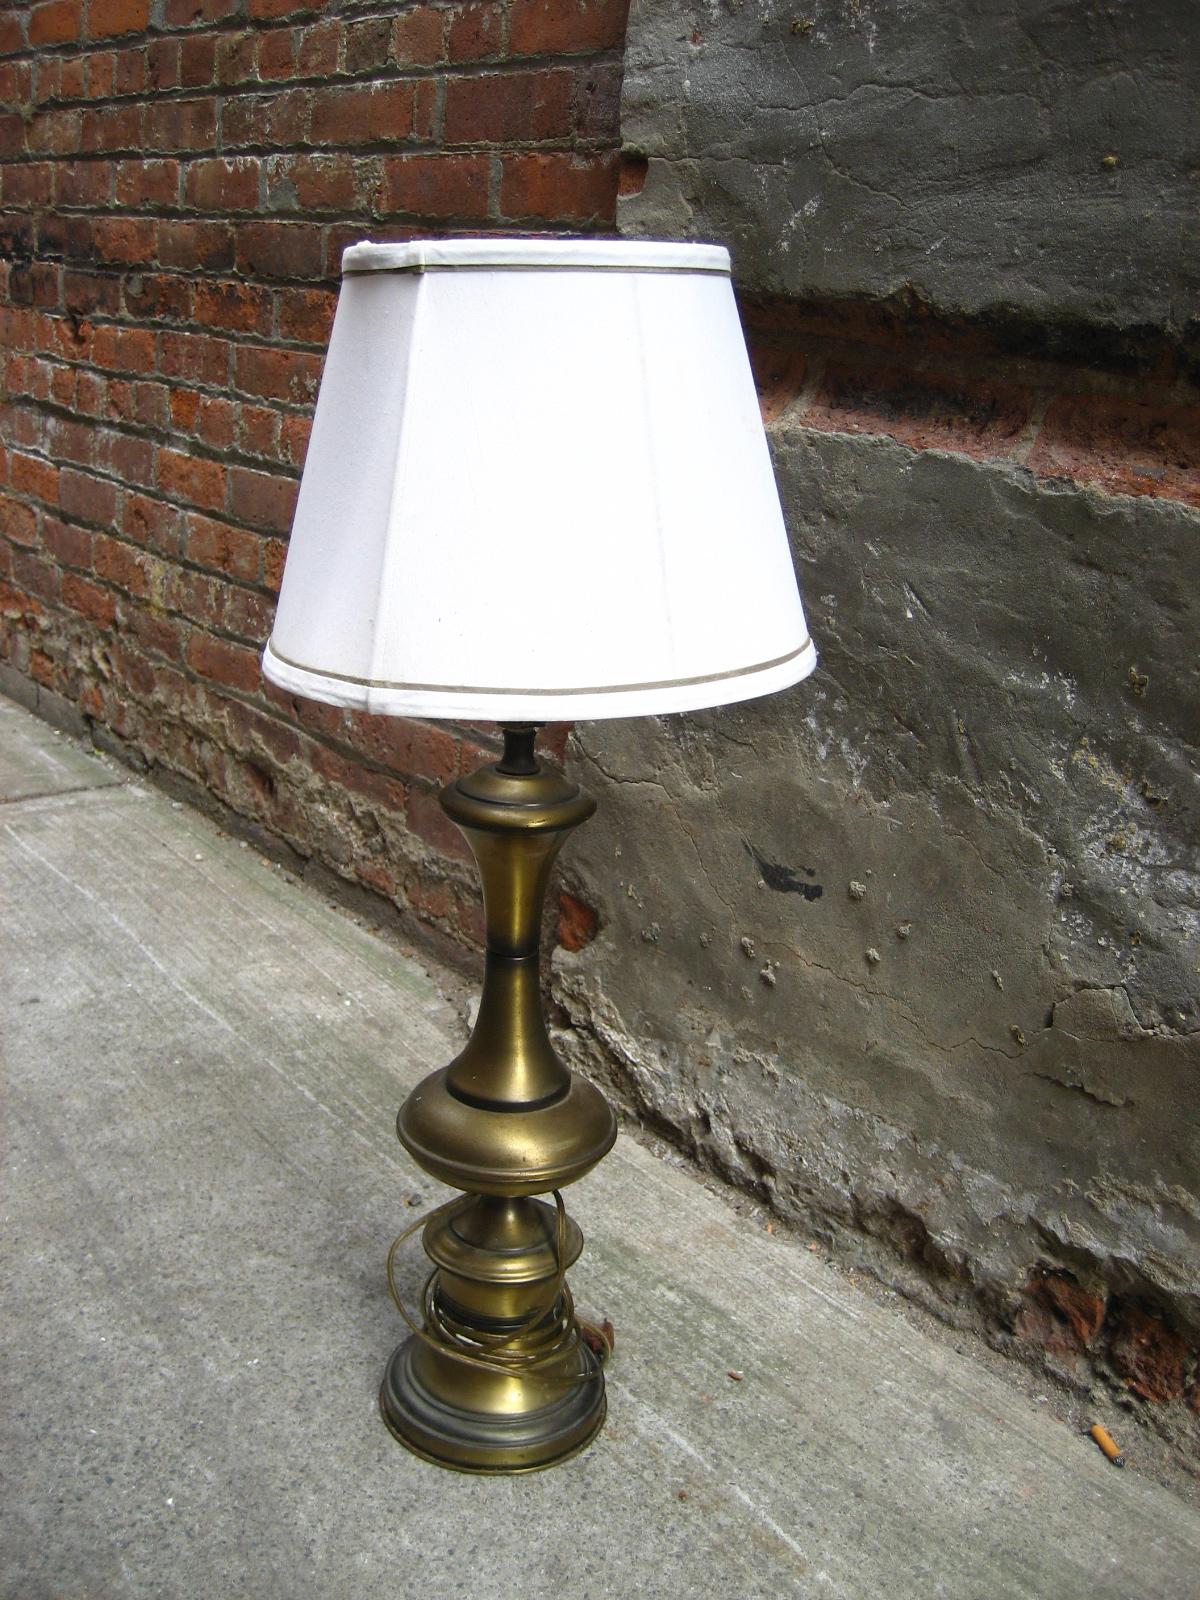 Brushed Metal Lamp w/White Shade $55